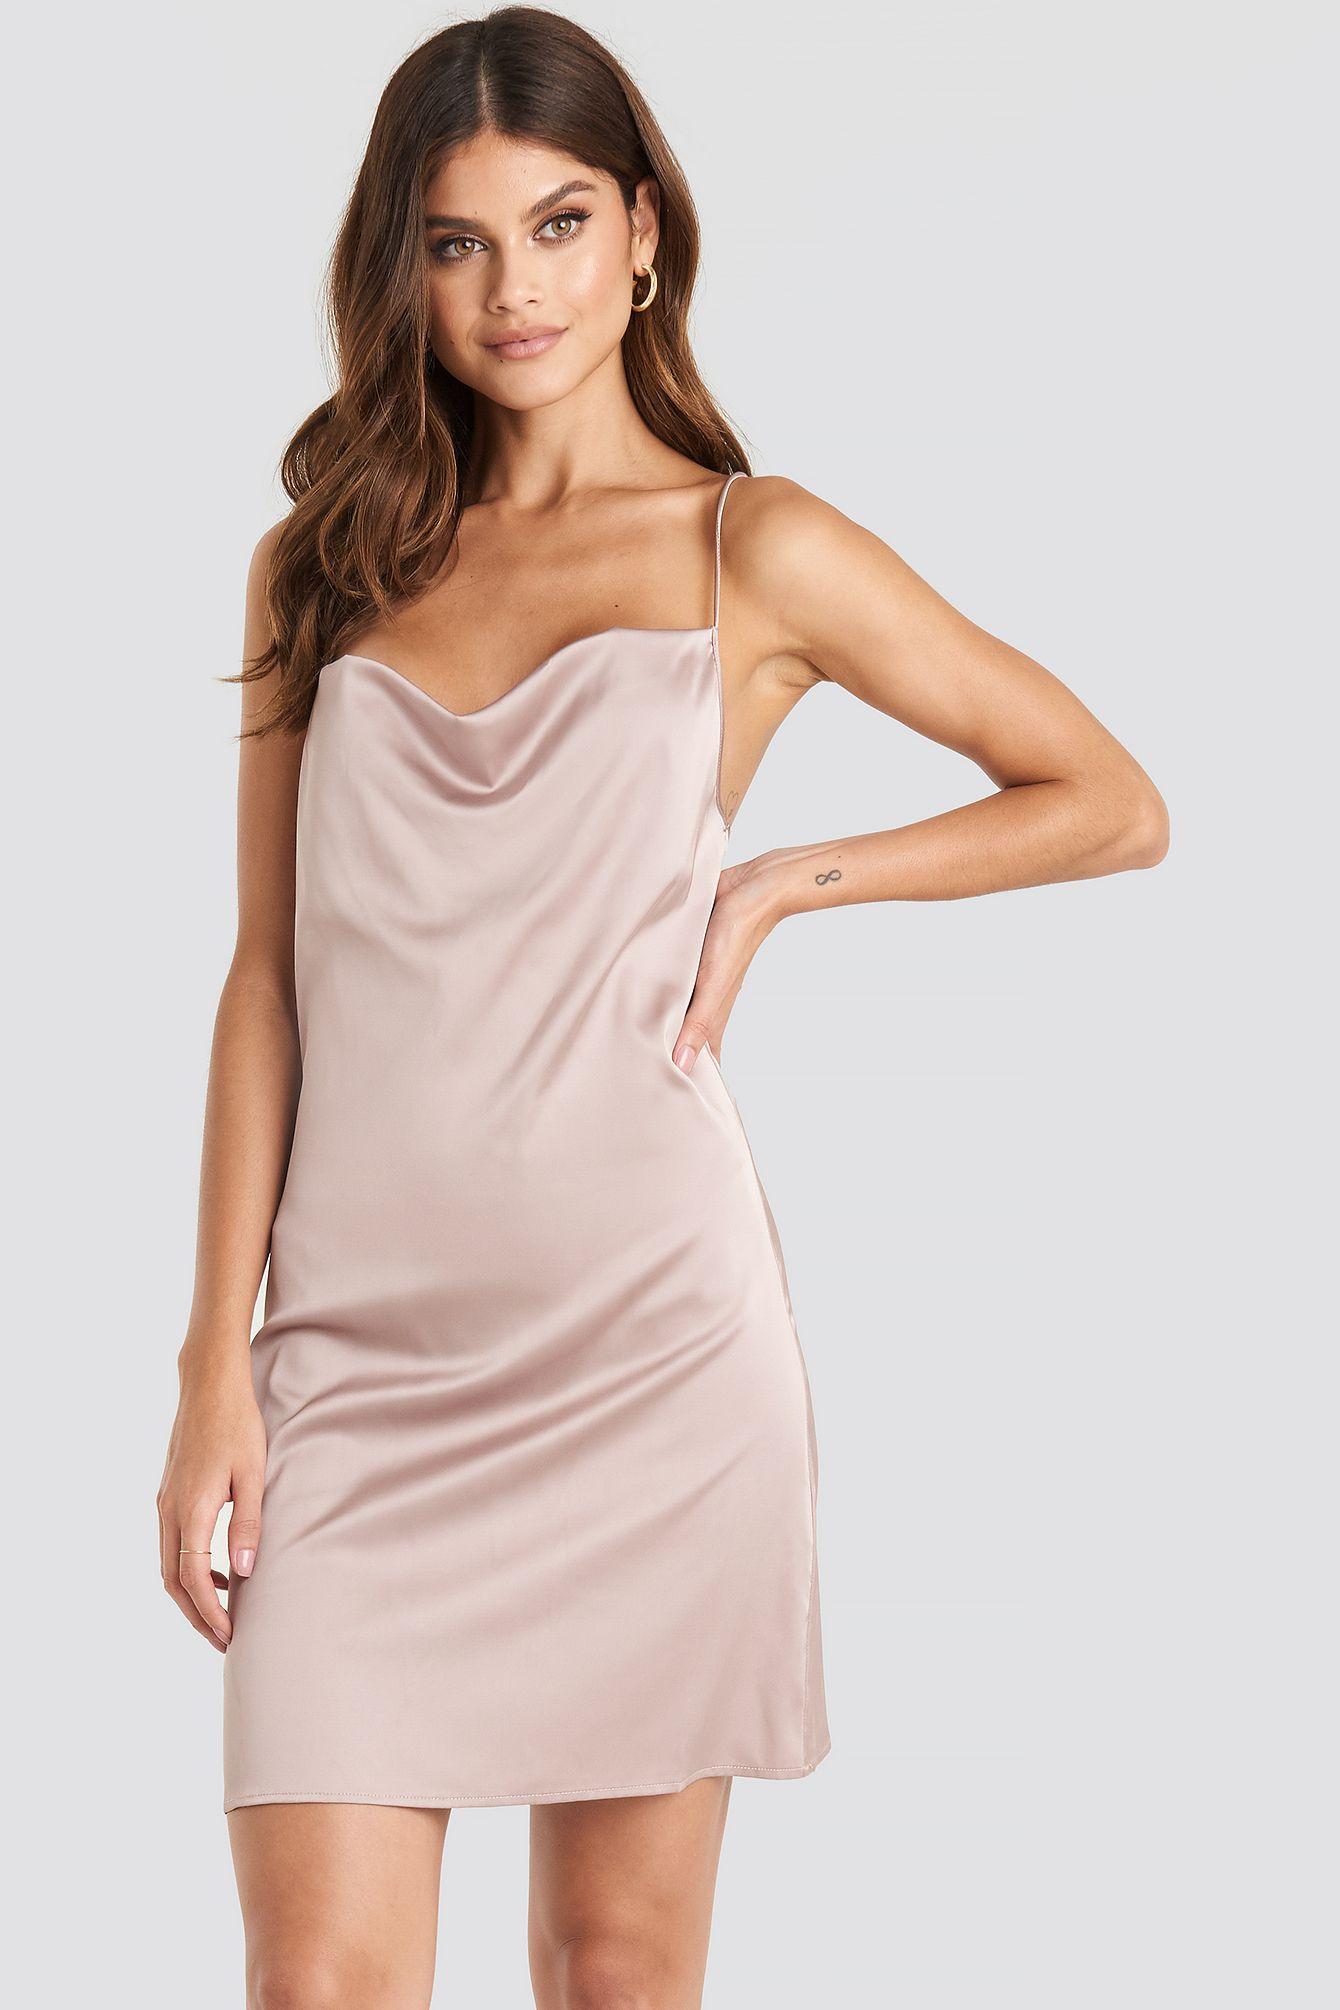 Satin Waterfall Mini Dress Rosa in 19  Minikleid, Modestil